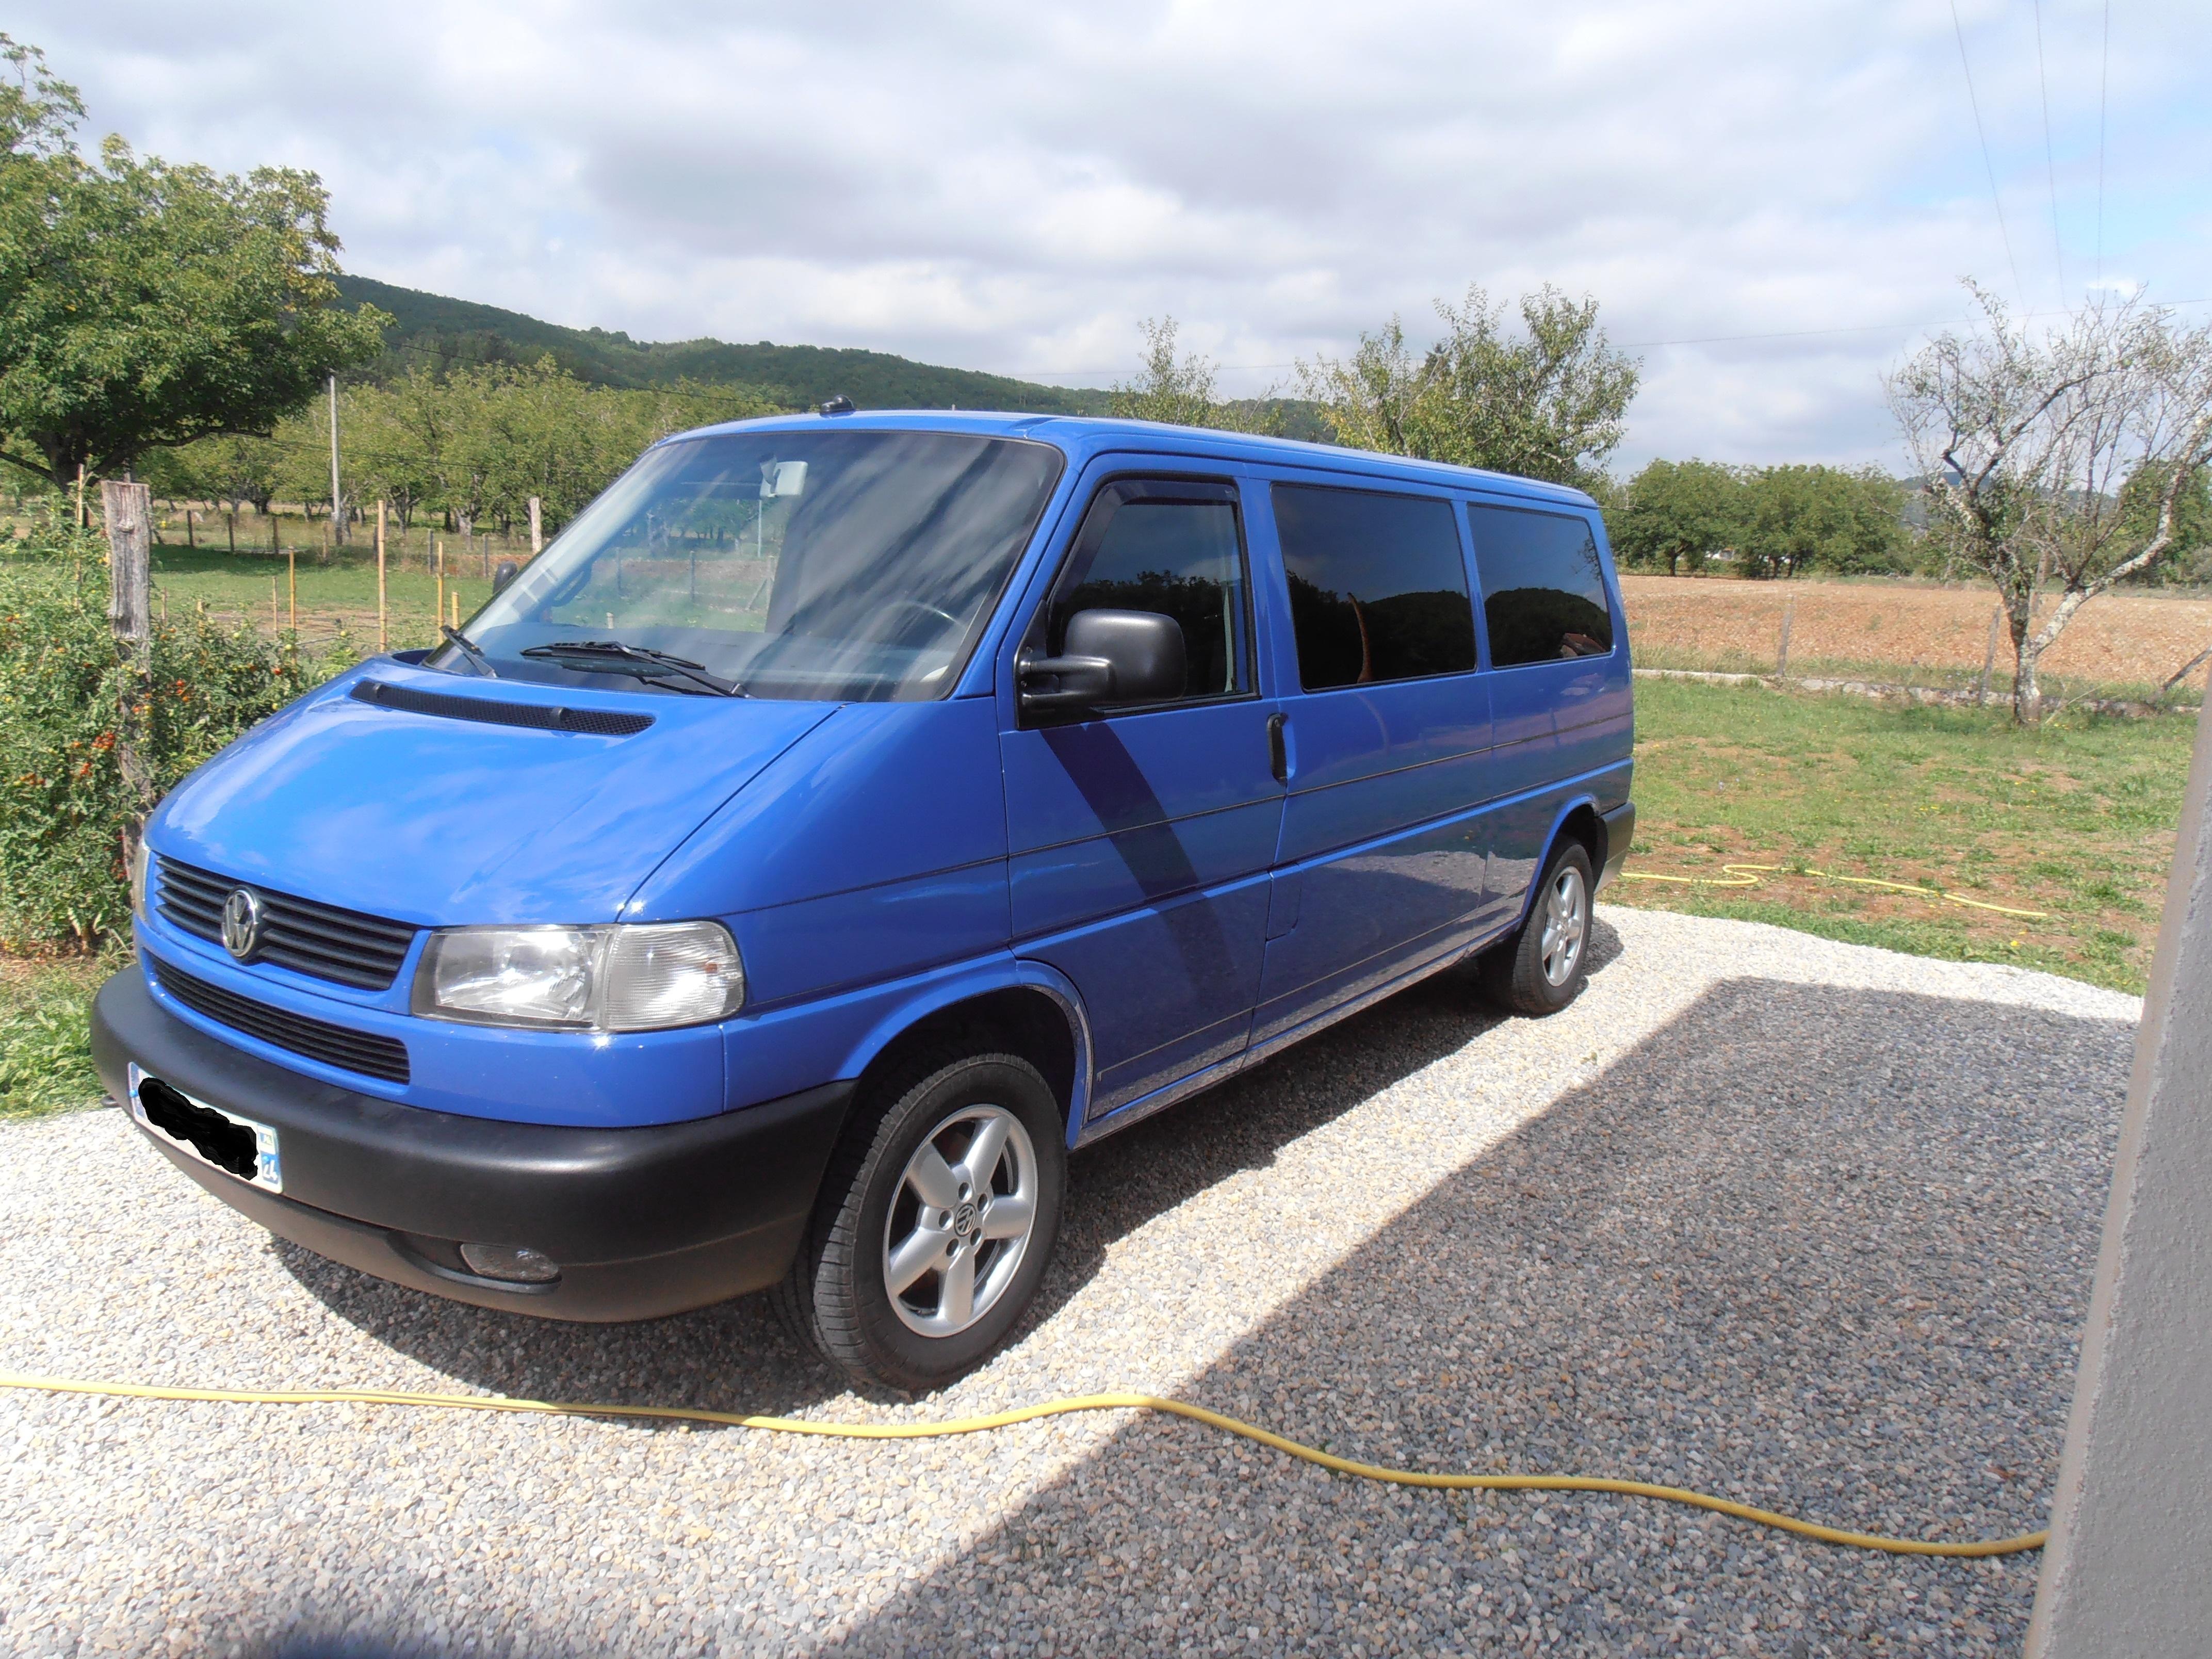 Fiabilité moteur  2,5 TDI monté sur Multivan VW - Page 15 180819095105951319